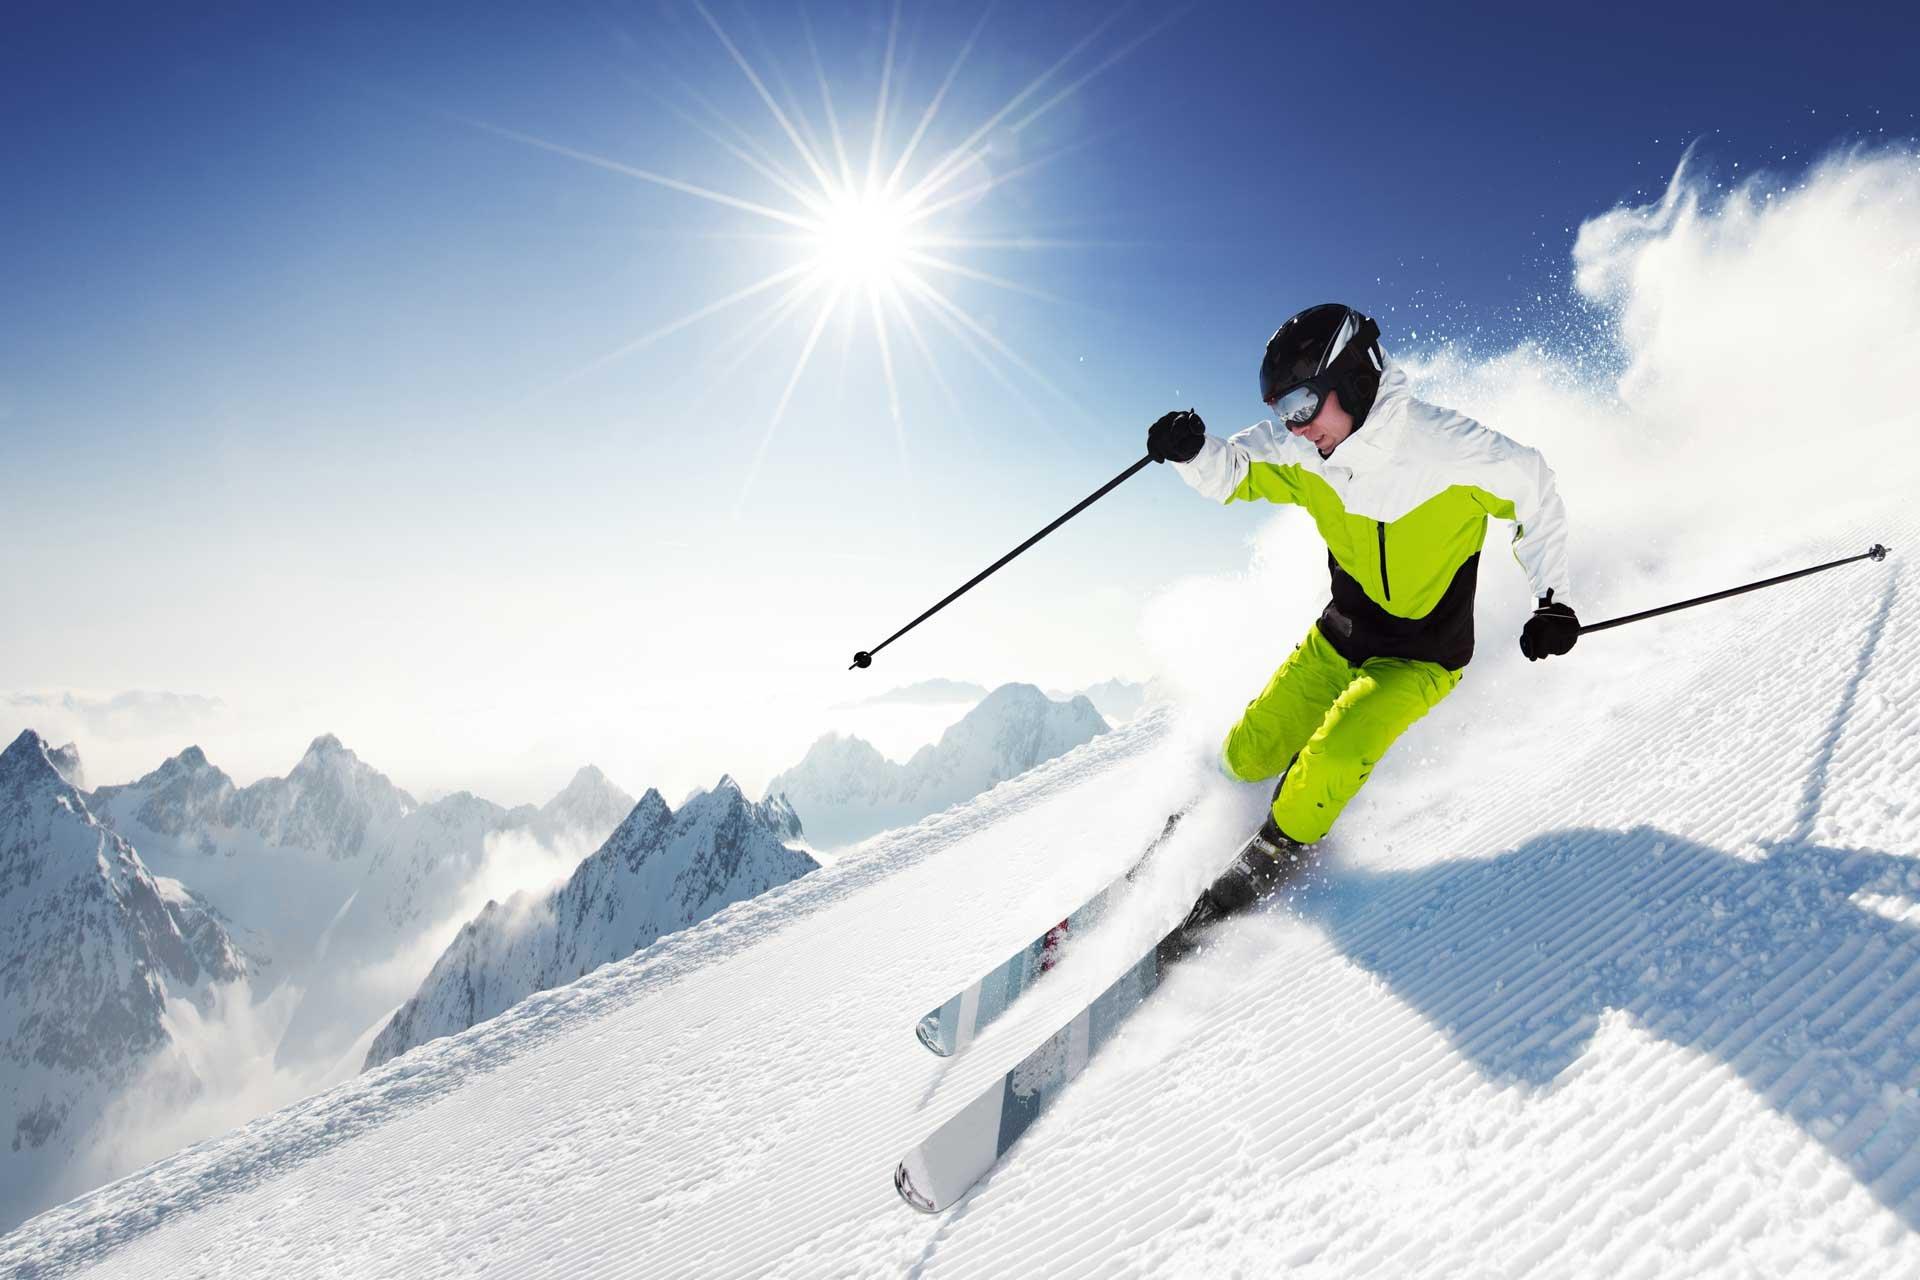 Skiing winter snow ski mountains wallpaper 1920x1280 - Ski wallpaper ...